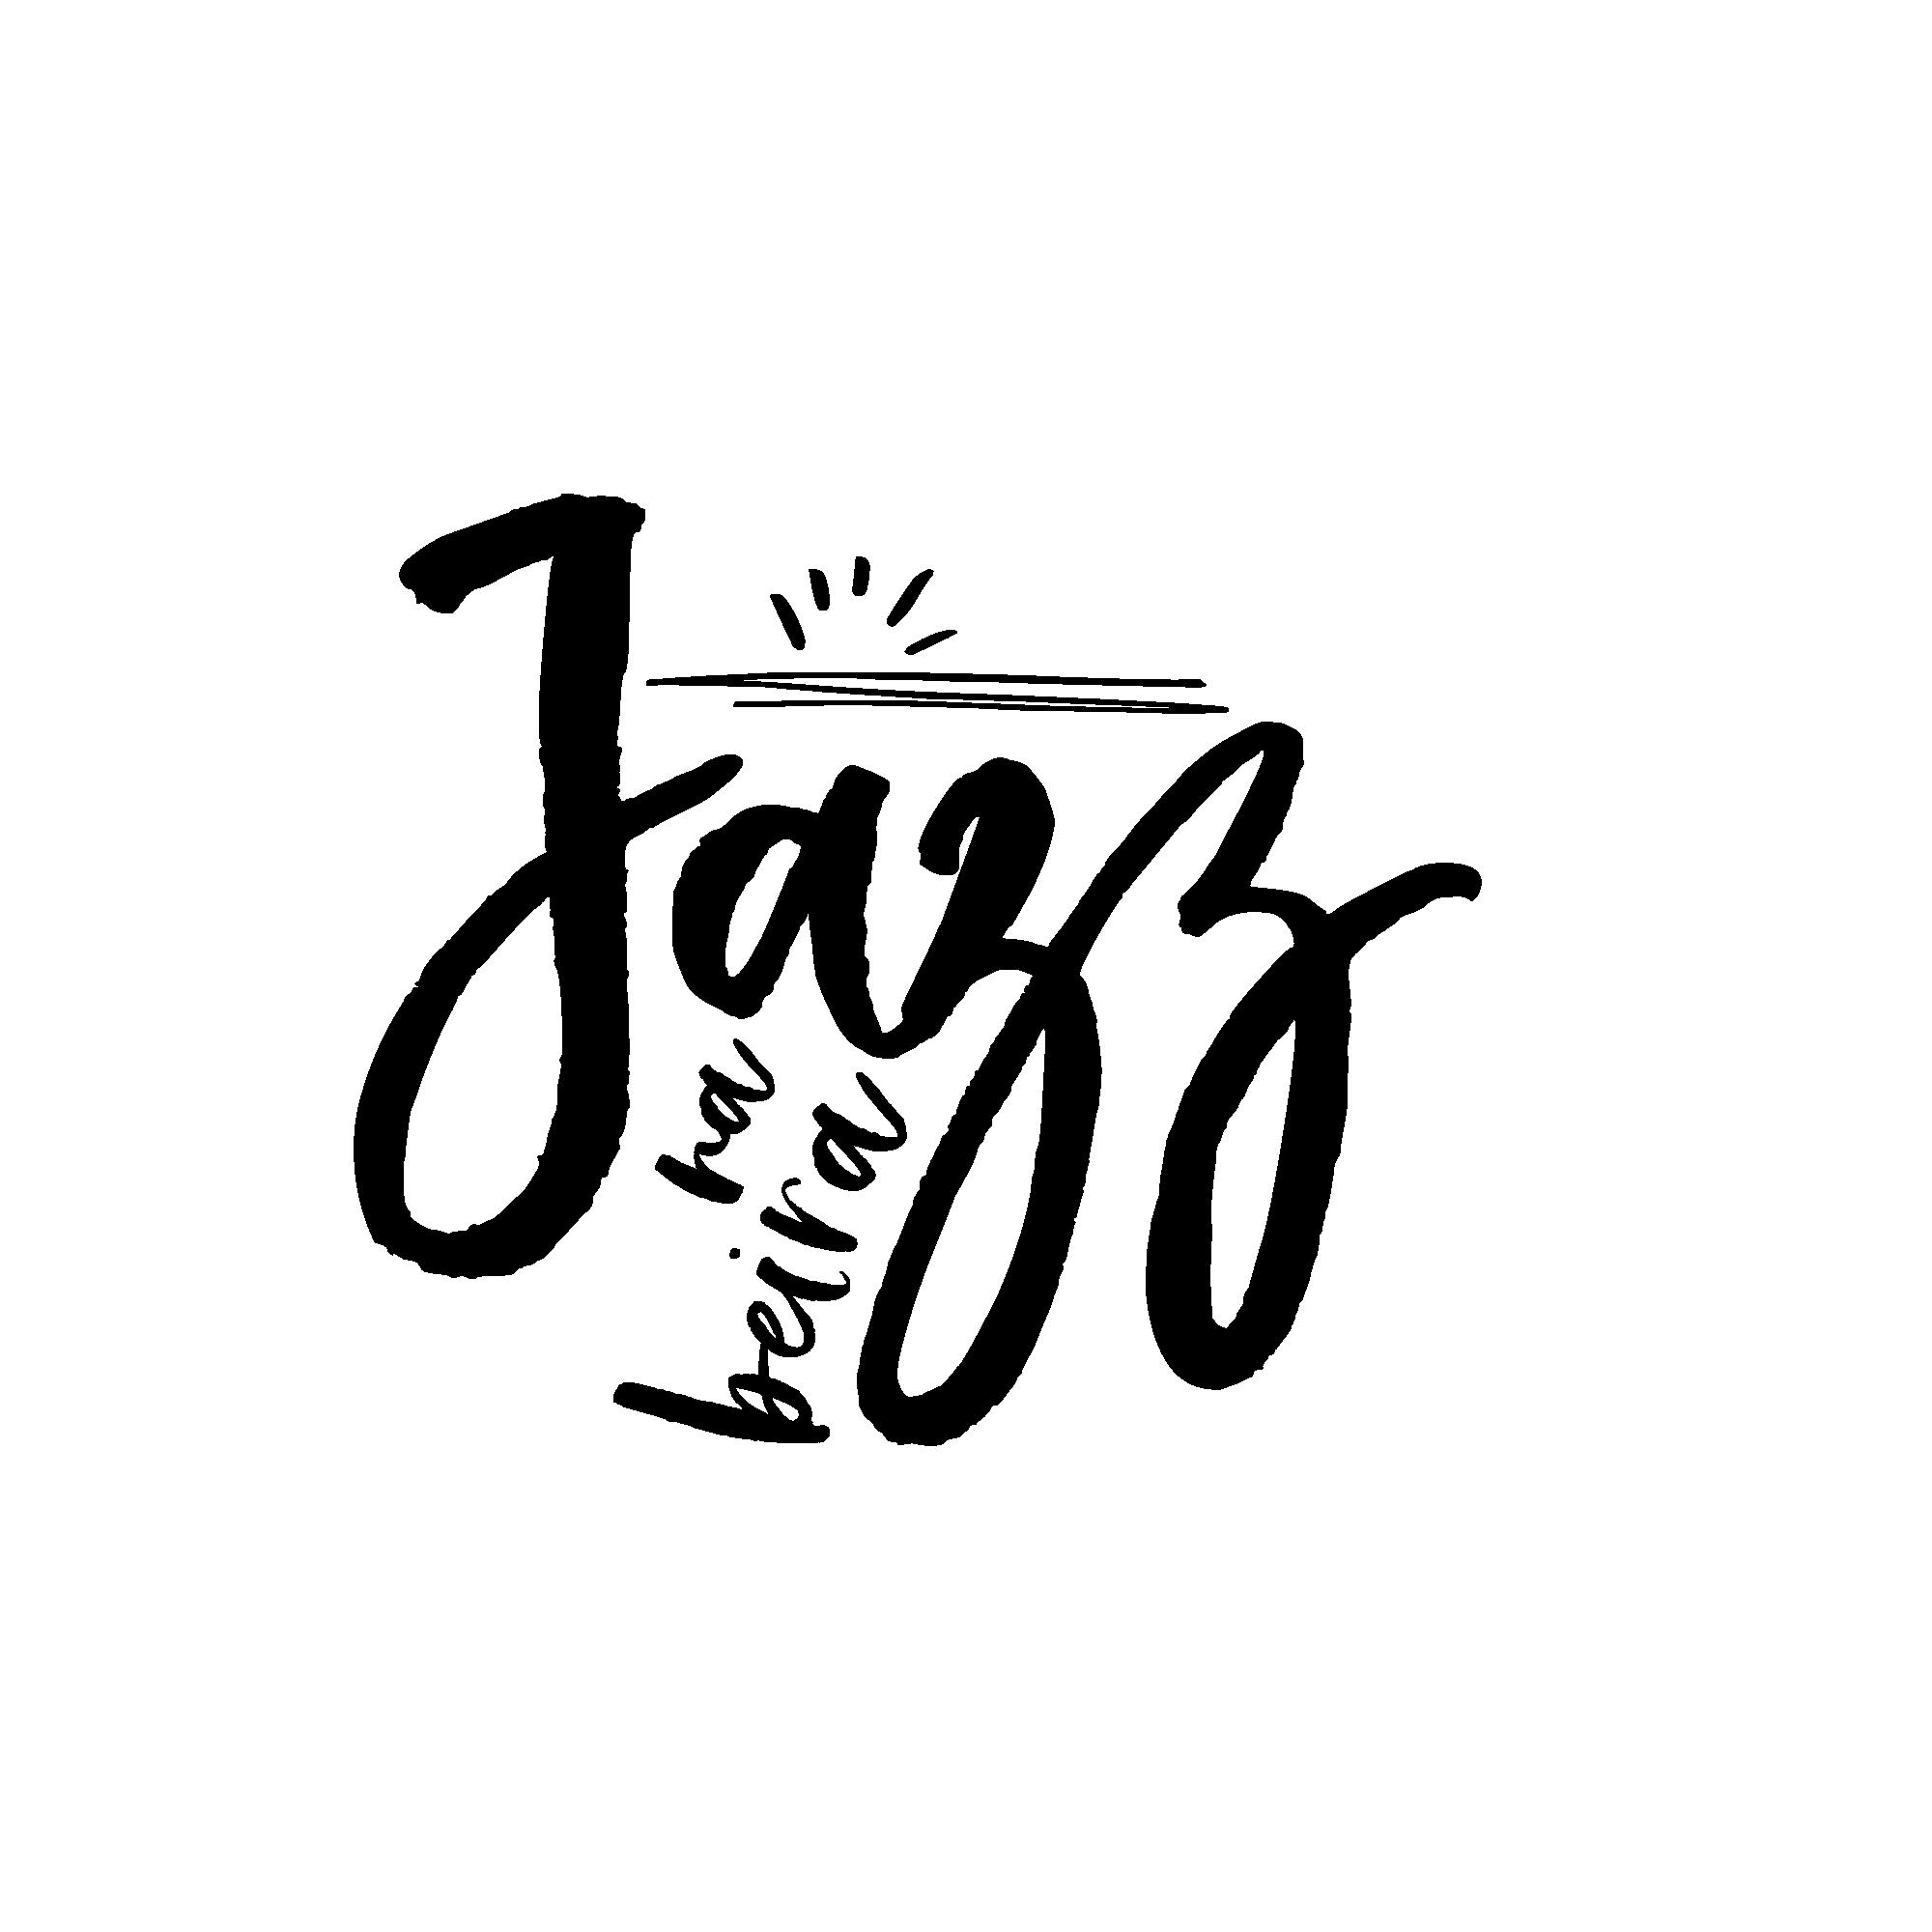 JazzNaBeiraLogo_Black.png